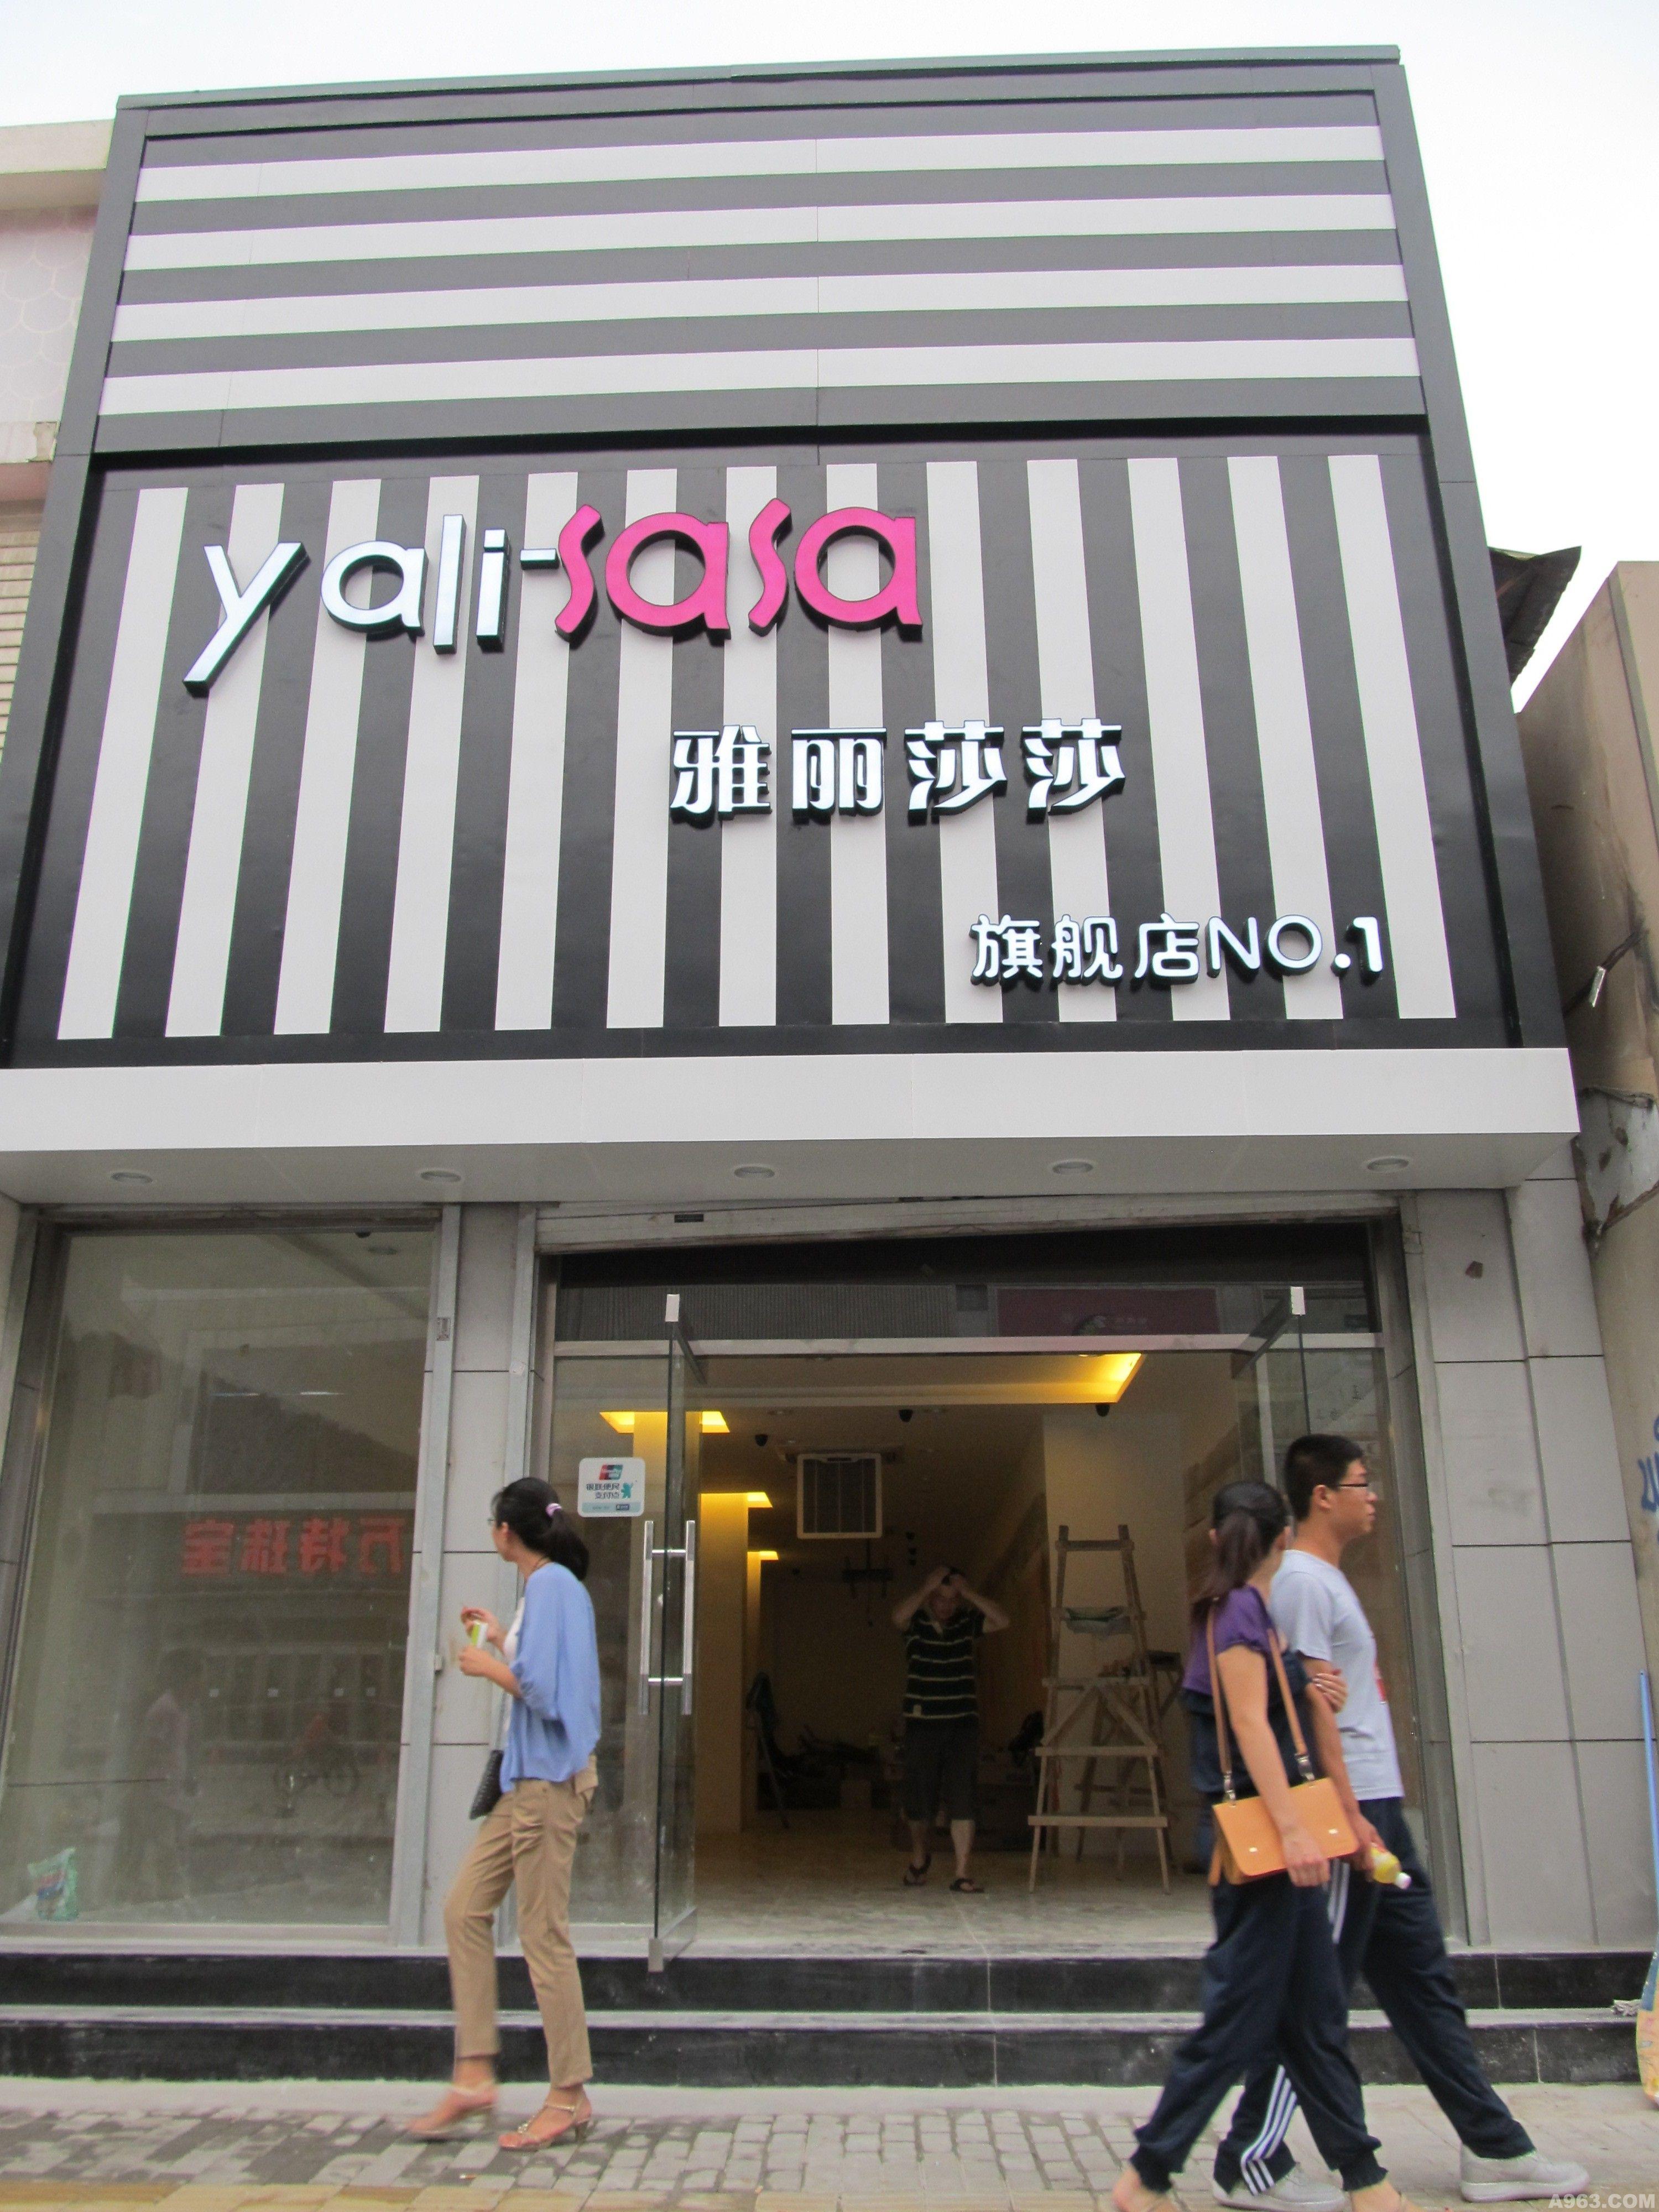 门头设计 雅丽莎莎化妆品店 高清图片